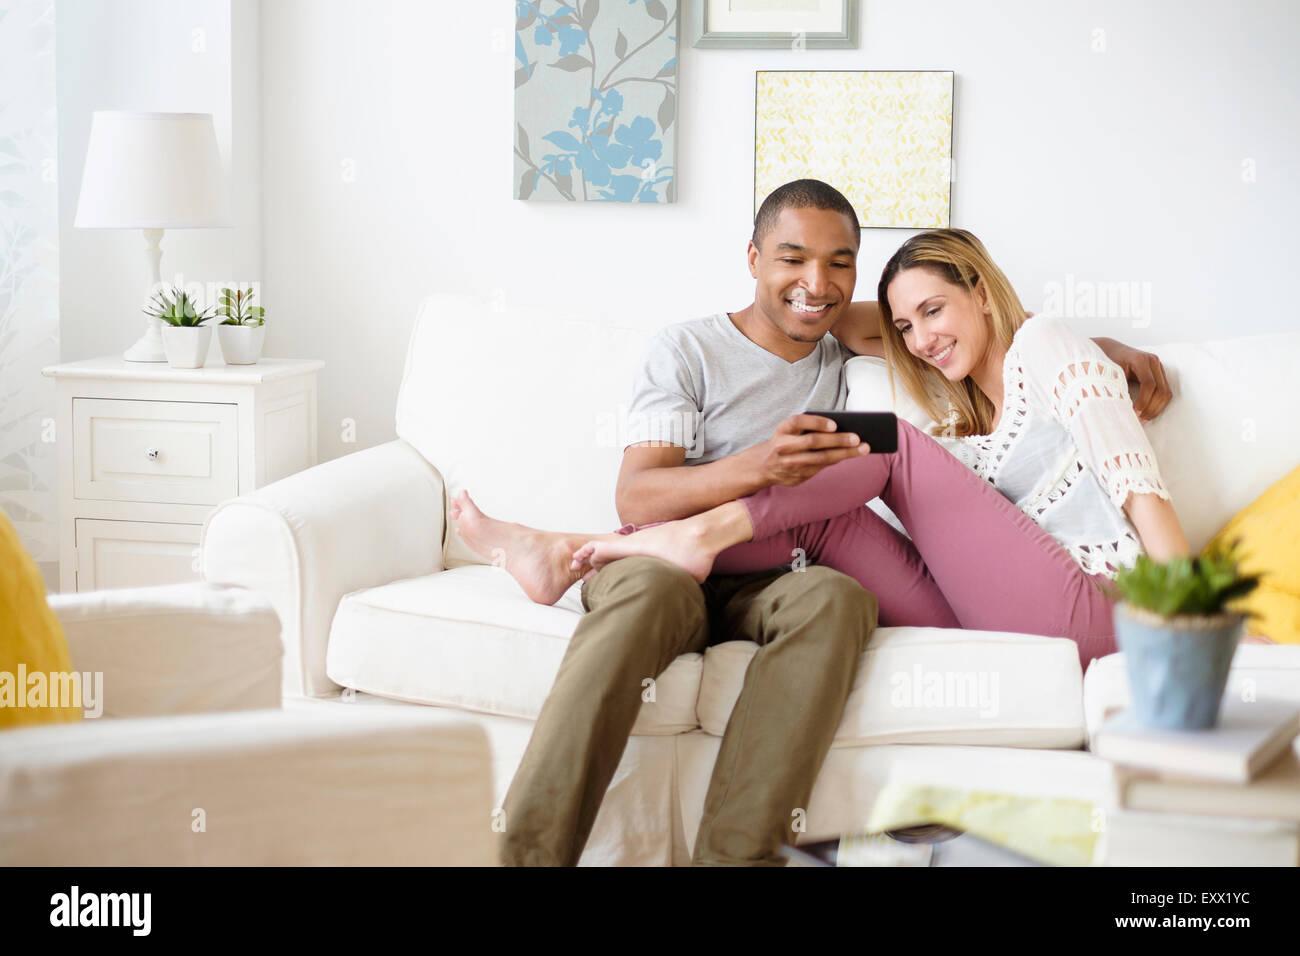 Adulto medio pareja mirando smart phone en el salón Imagen De Stock